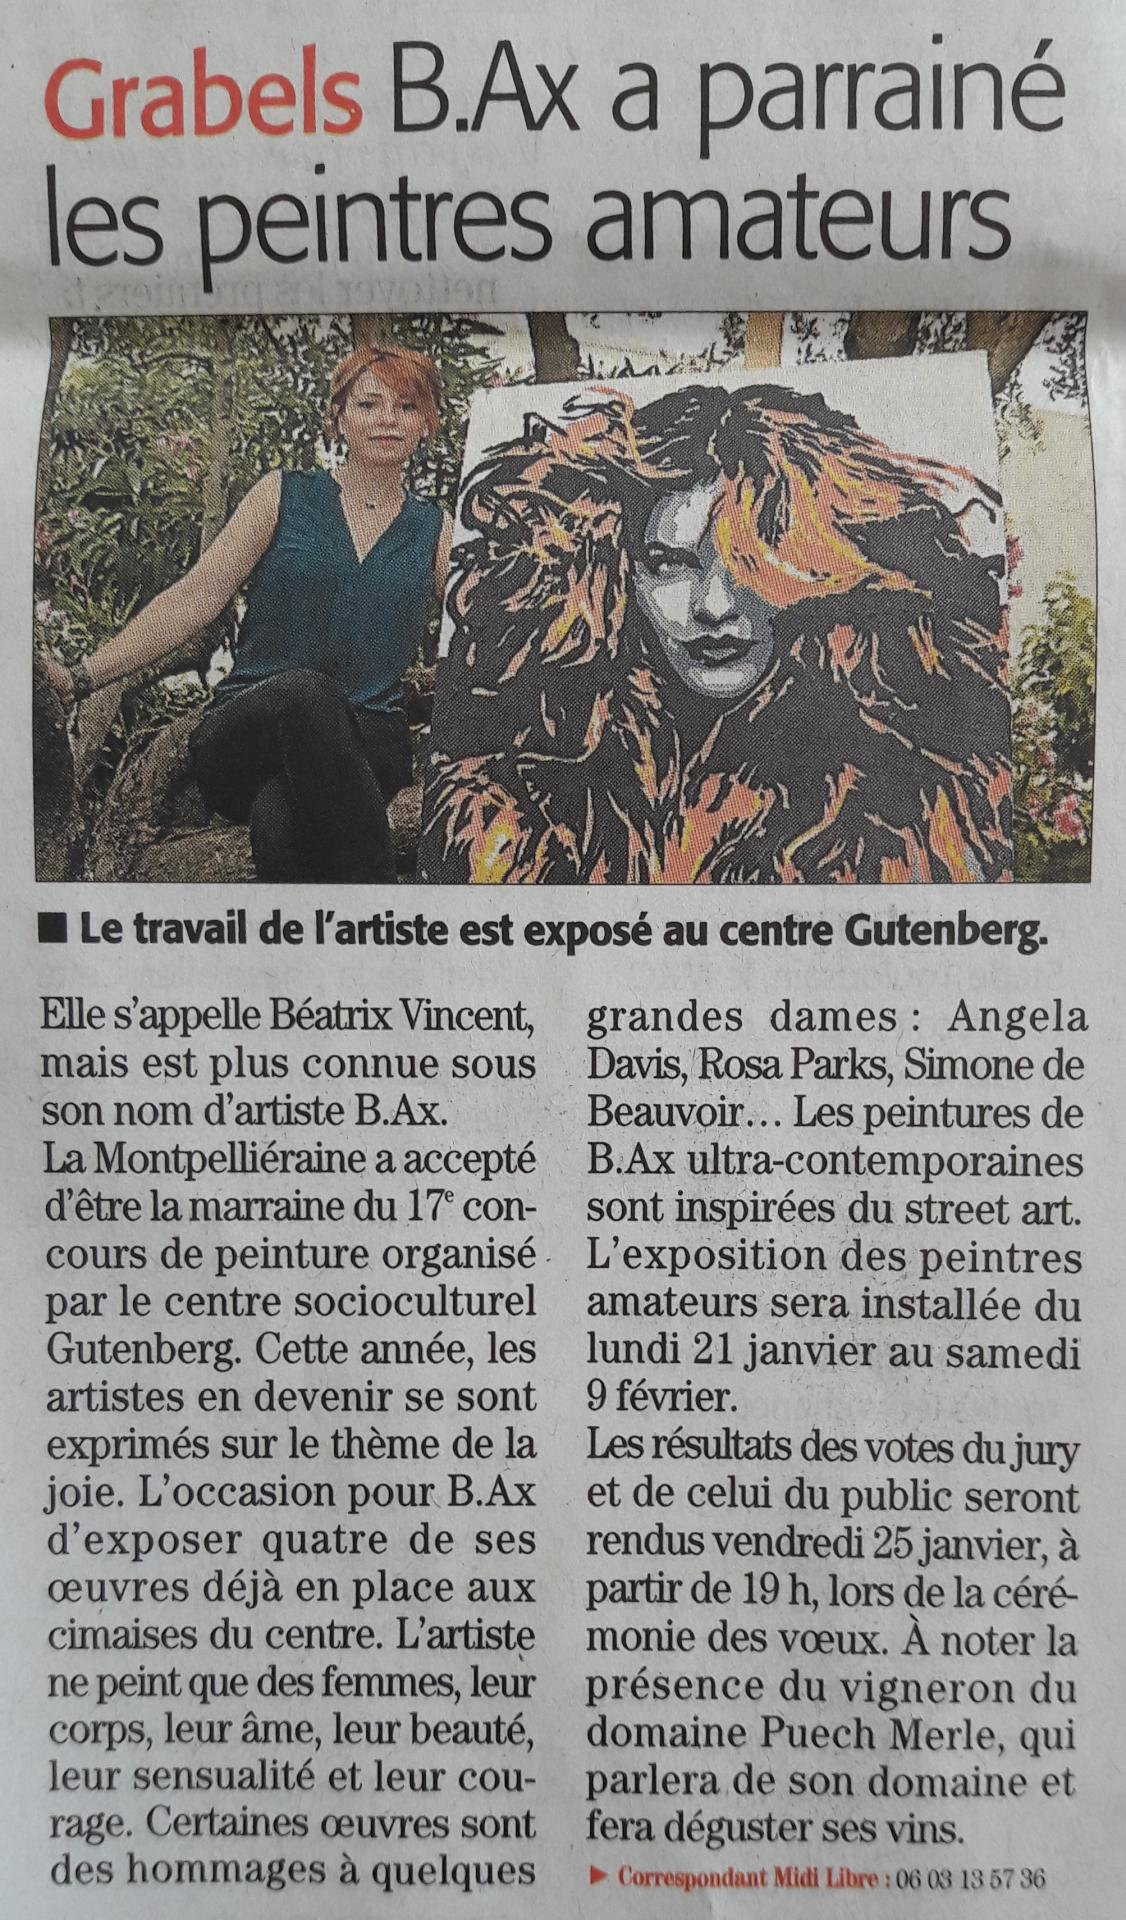 Midi libre article du 10 janvier 2019